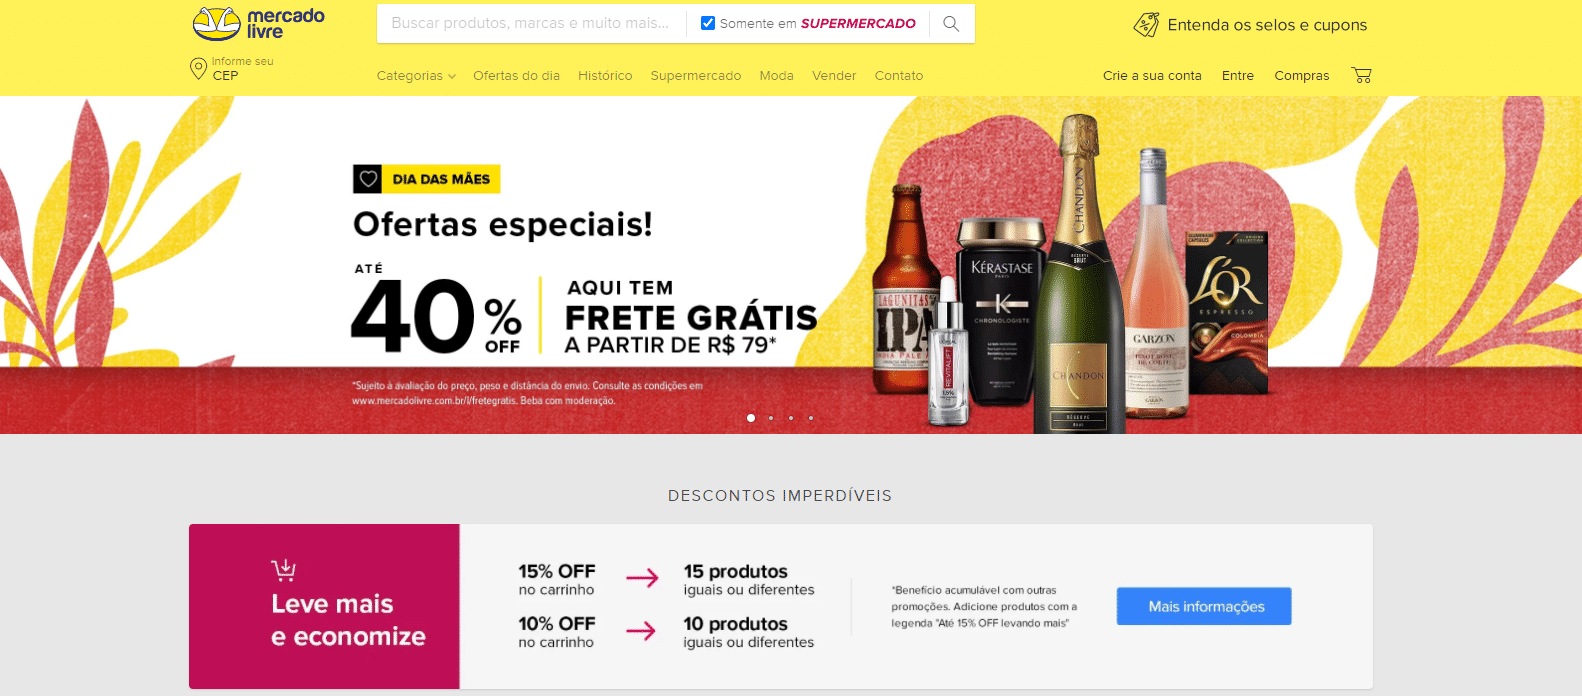 Venda de Alimentos e Bebidas - Super Mercado Livre